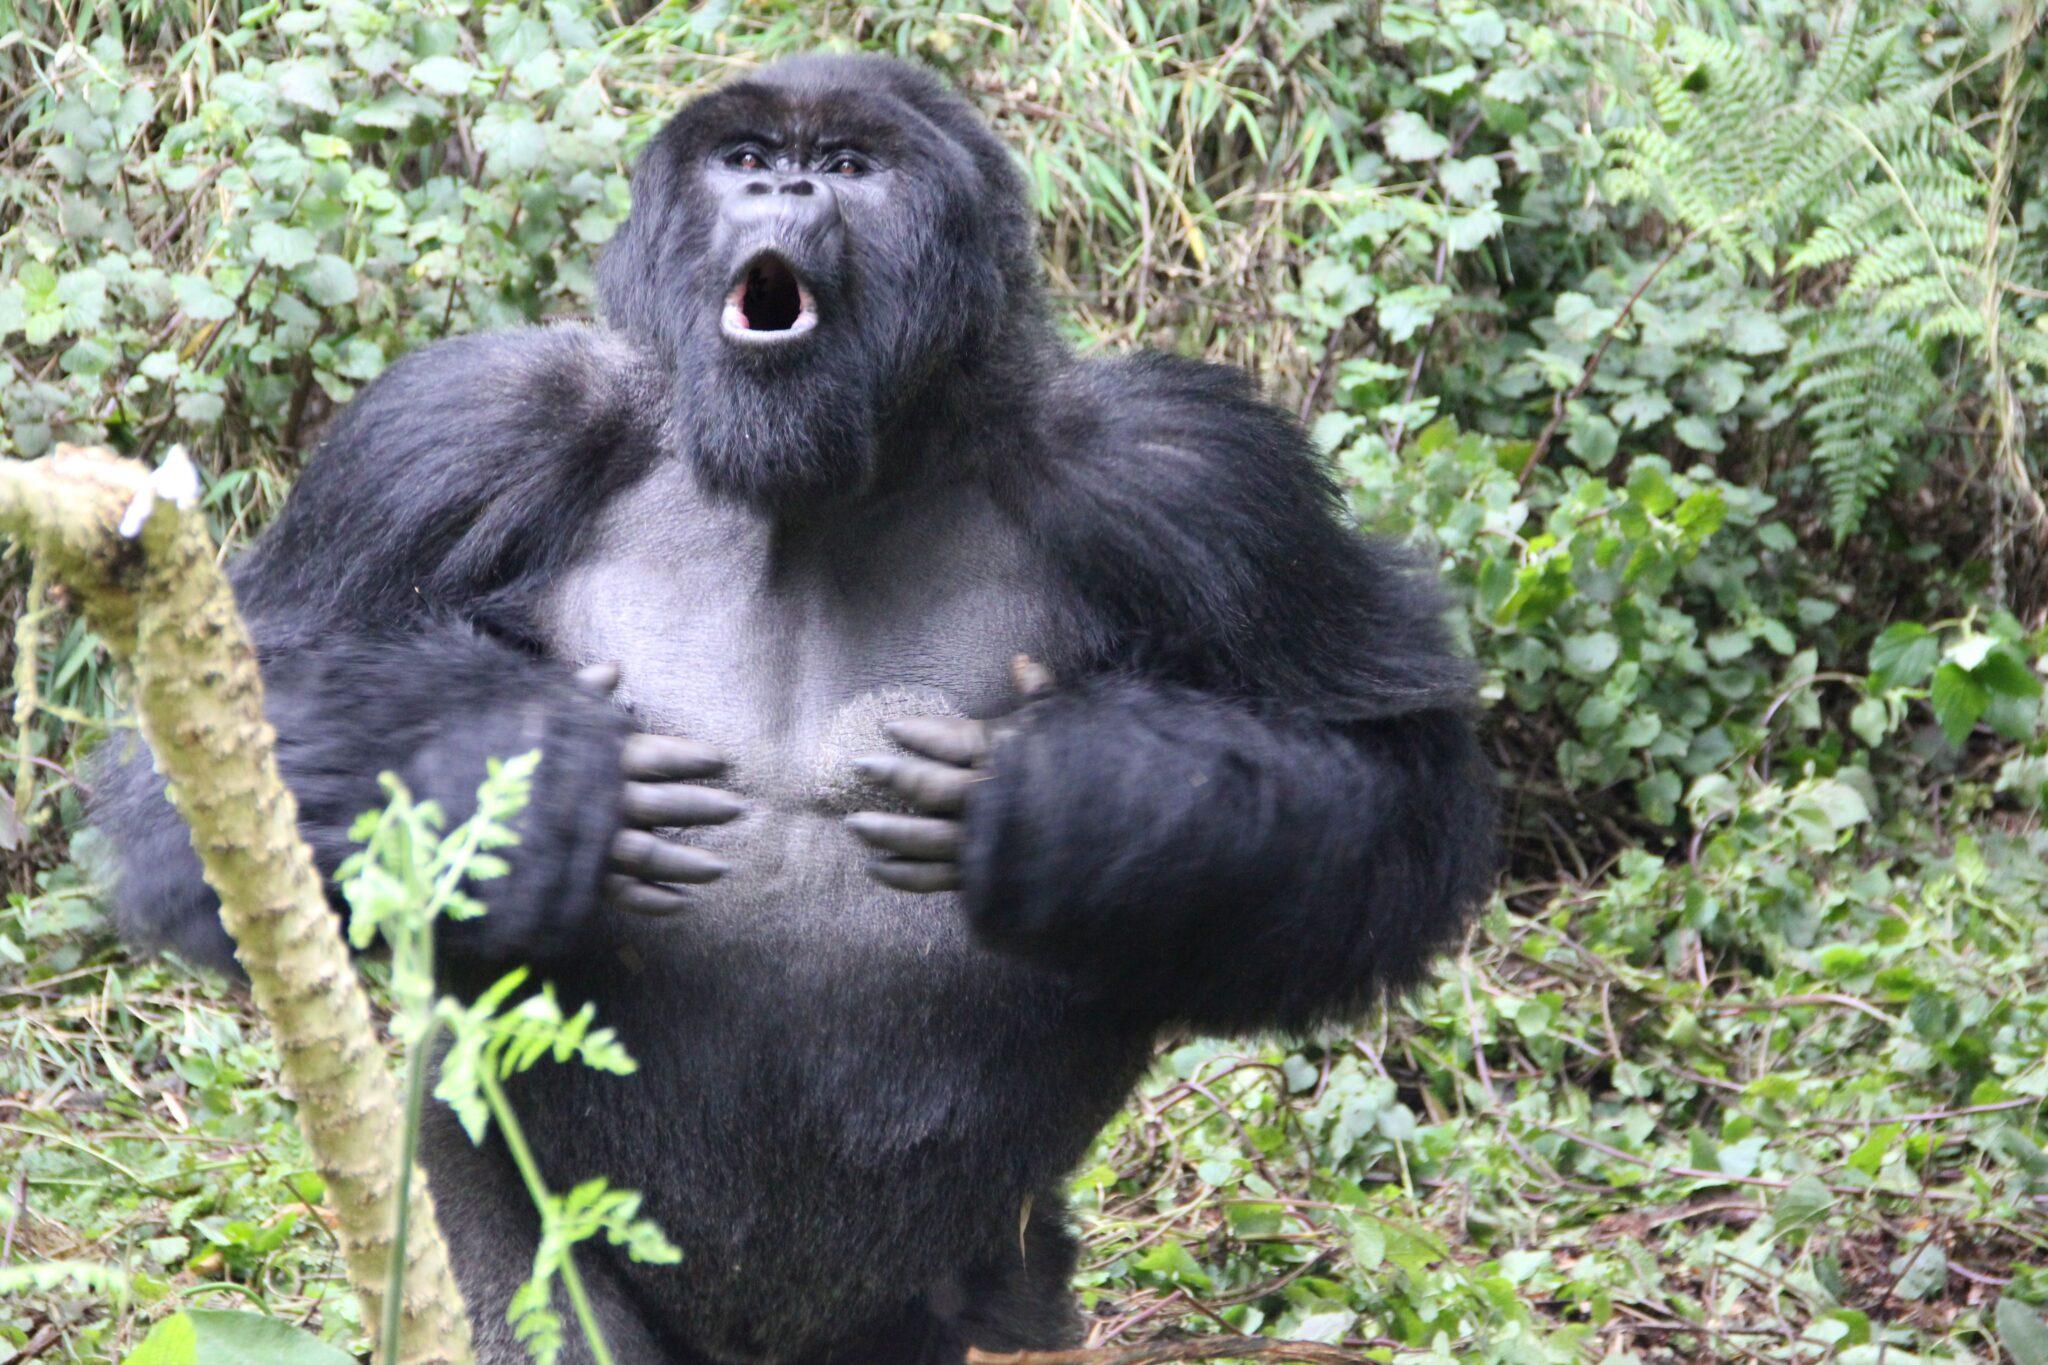 Äußerst imposant: Das Brusttrommeln männlicher Gorillas